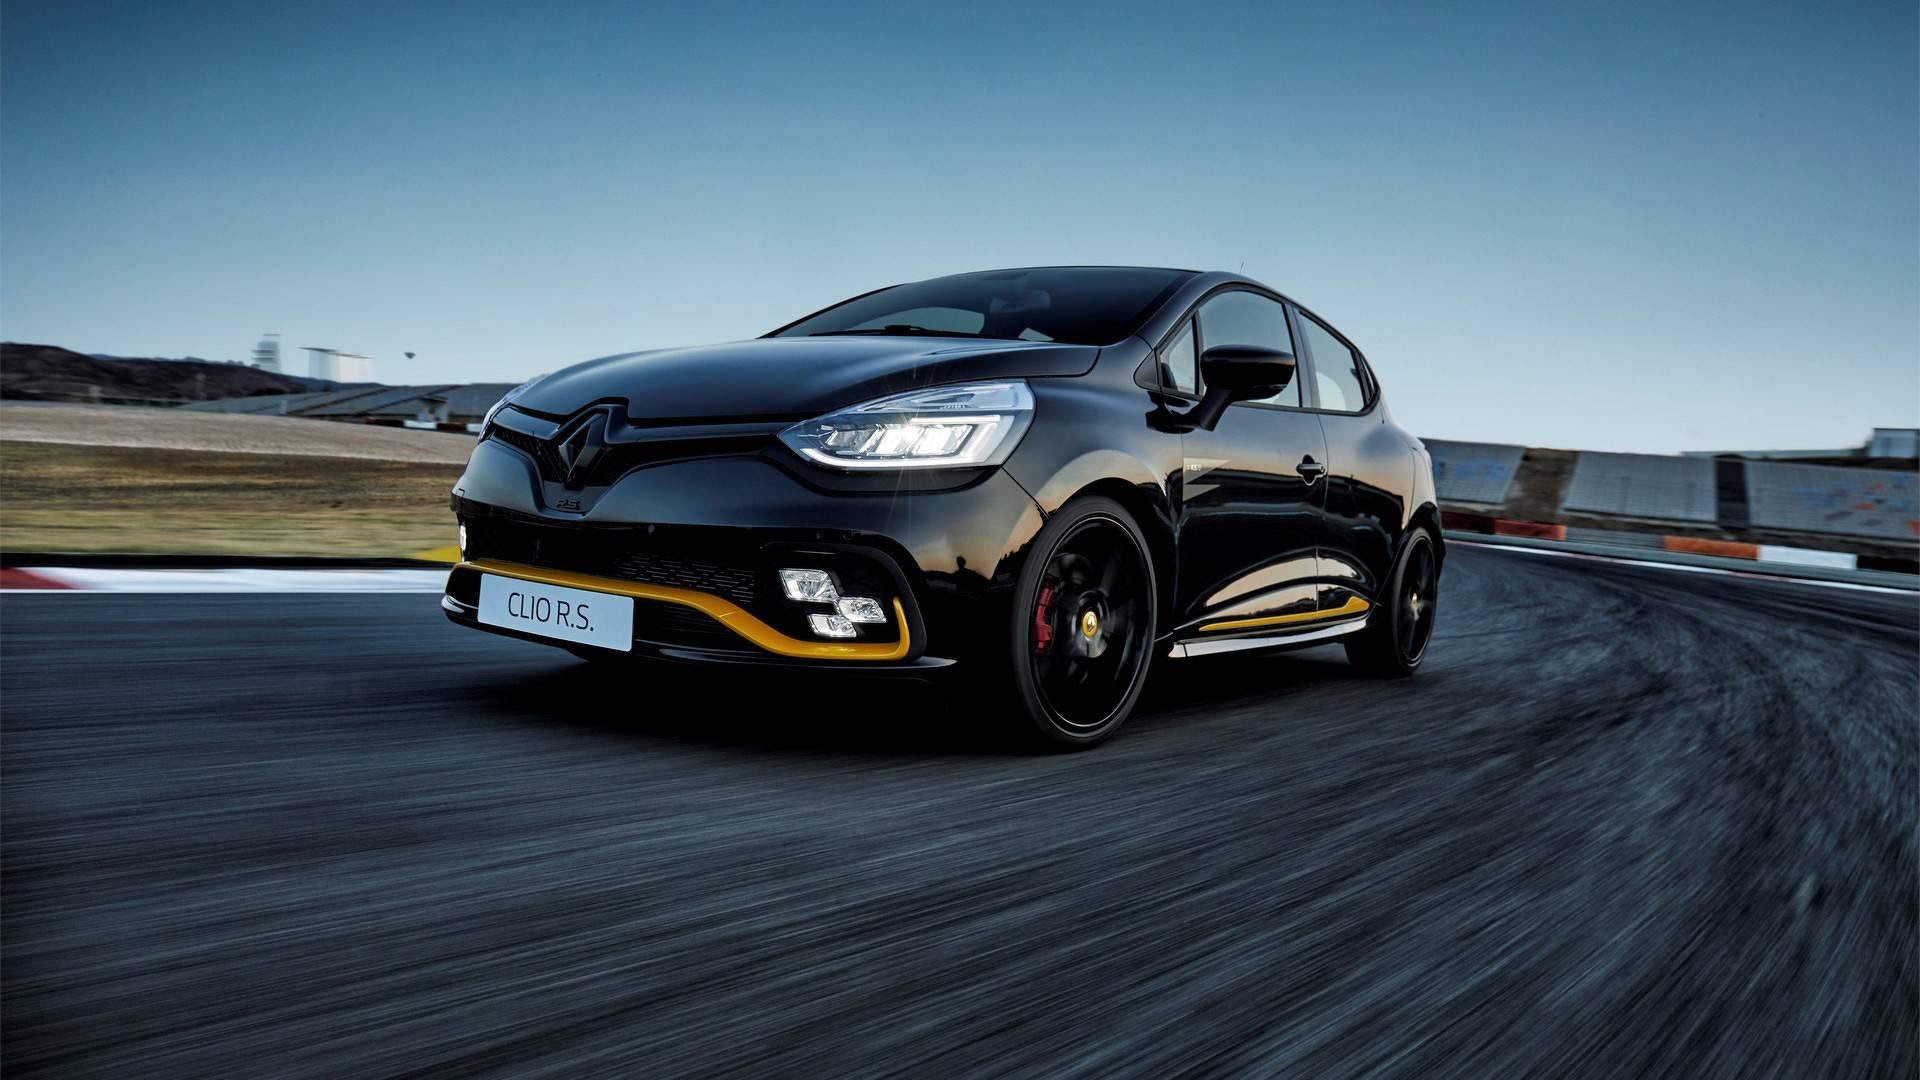 Renault Clio R S 18 E Hot Hatch De 220 Cv Inspirado Na F1